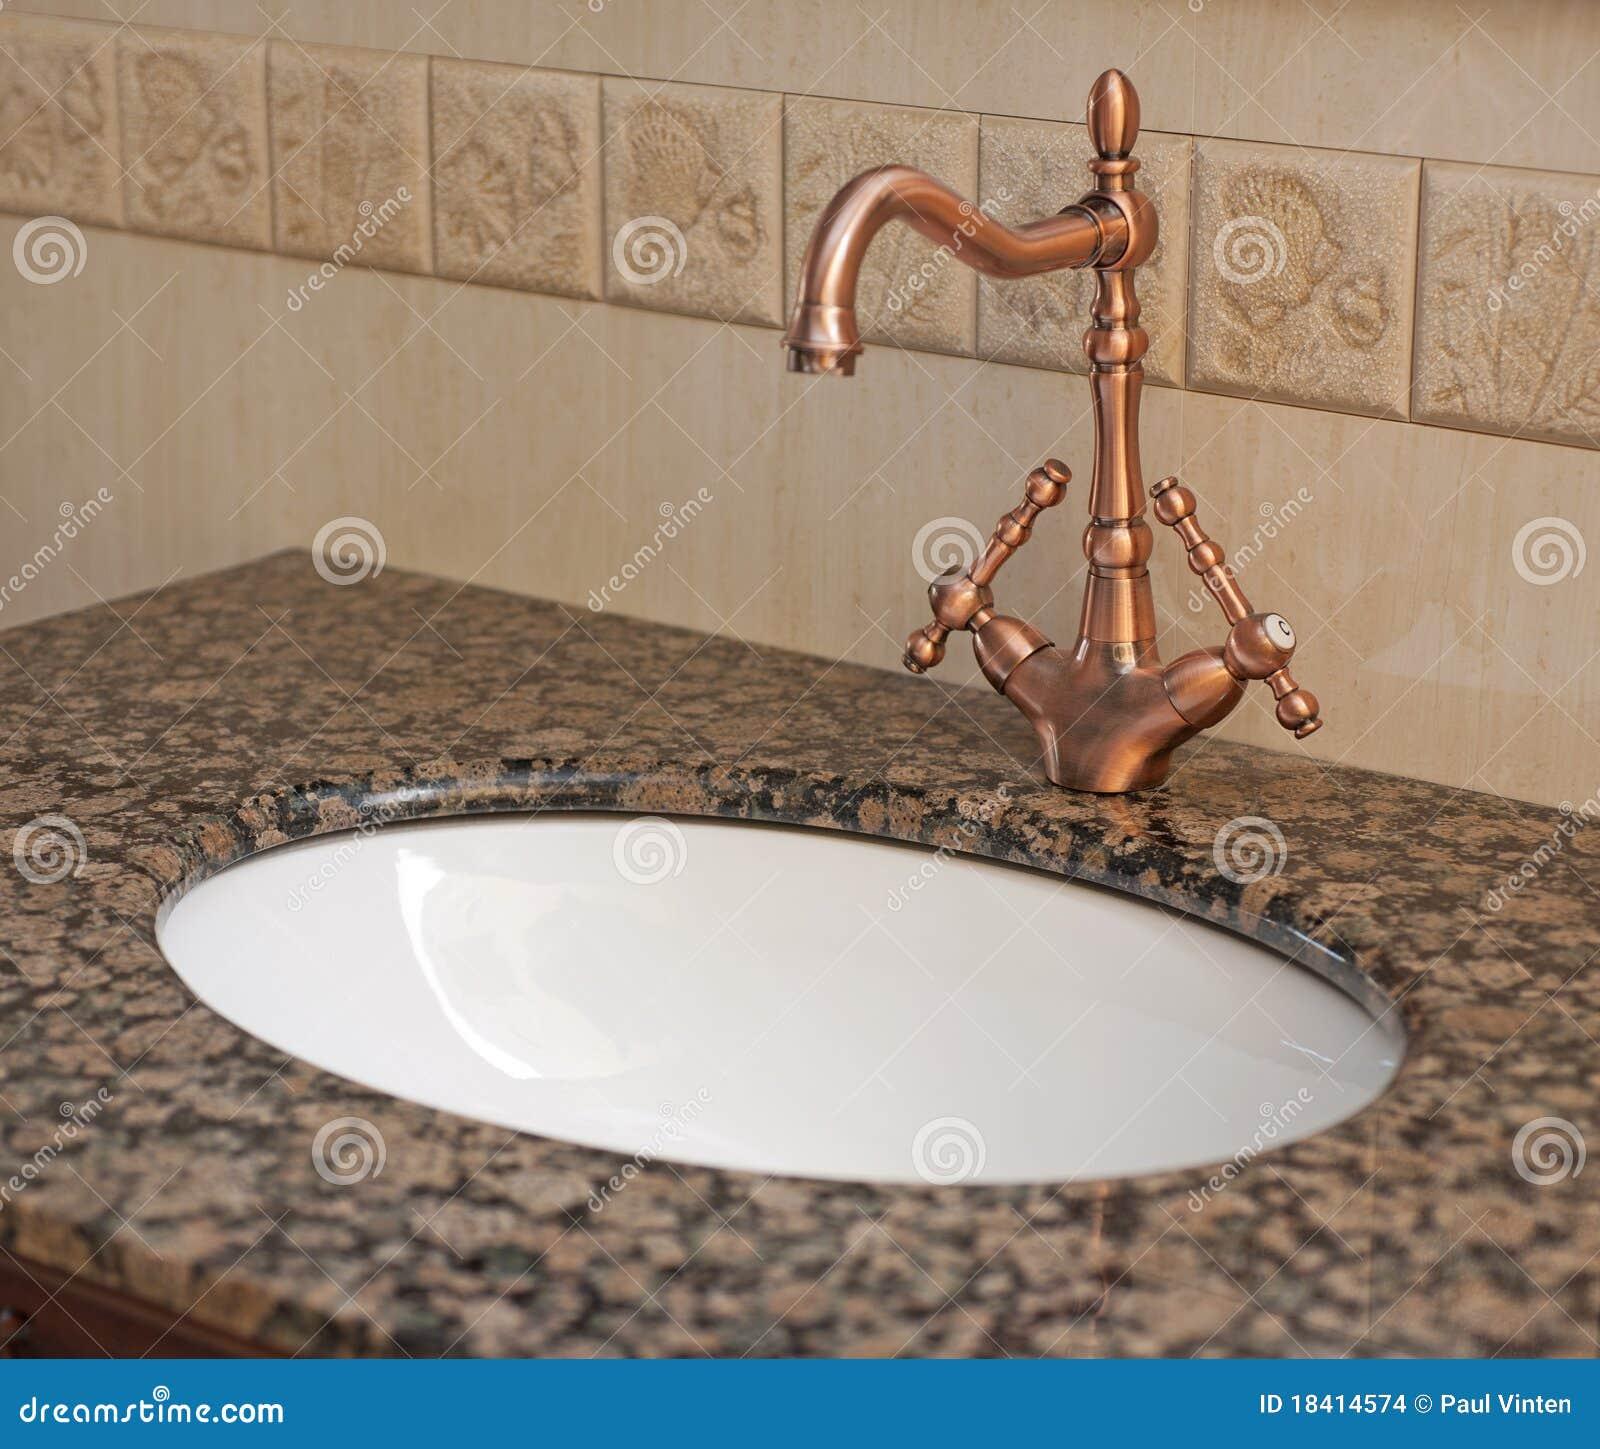 De wasbak en de kraan van de badkamers stock afbeeldingen afbeelding 18414574 - Vormgeving van de badkamer kraan ...